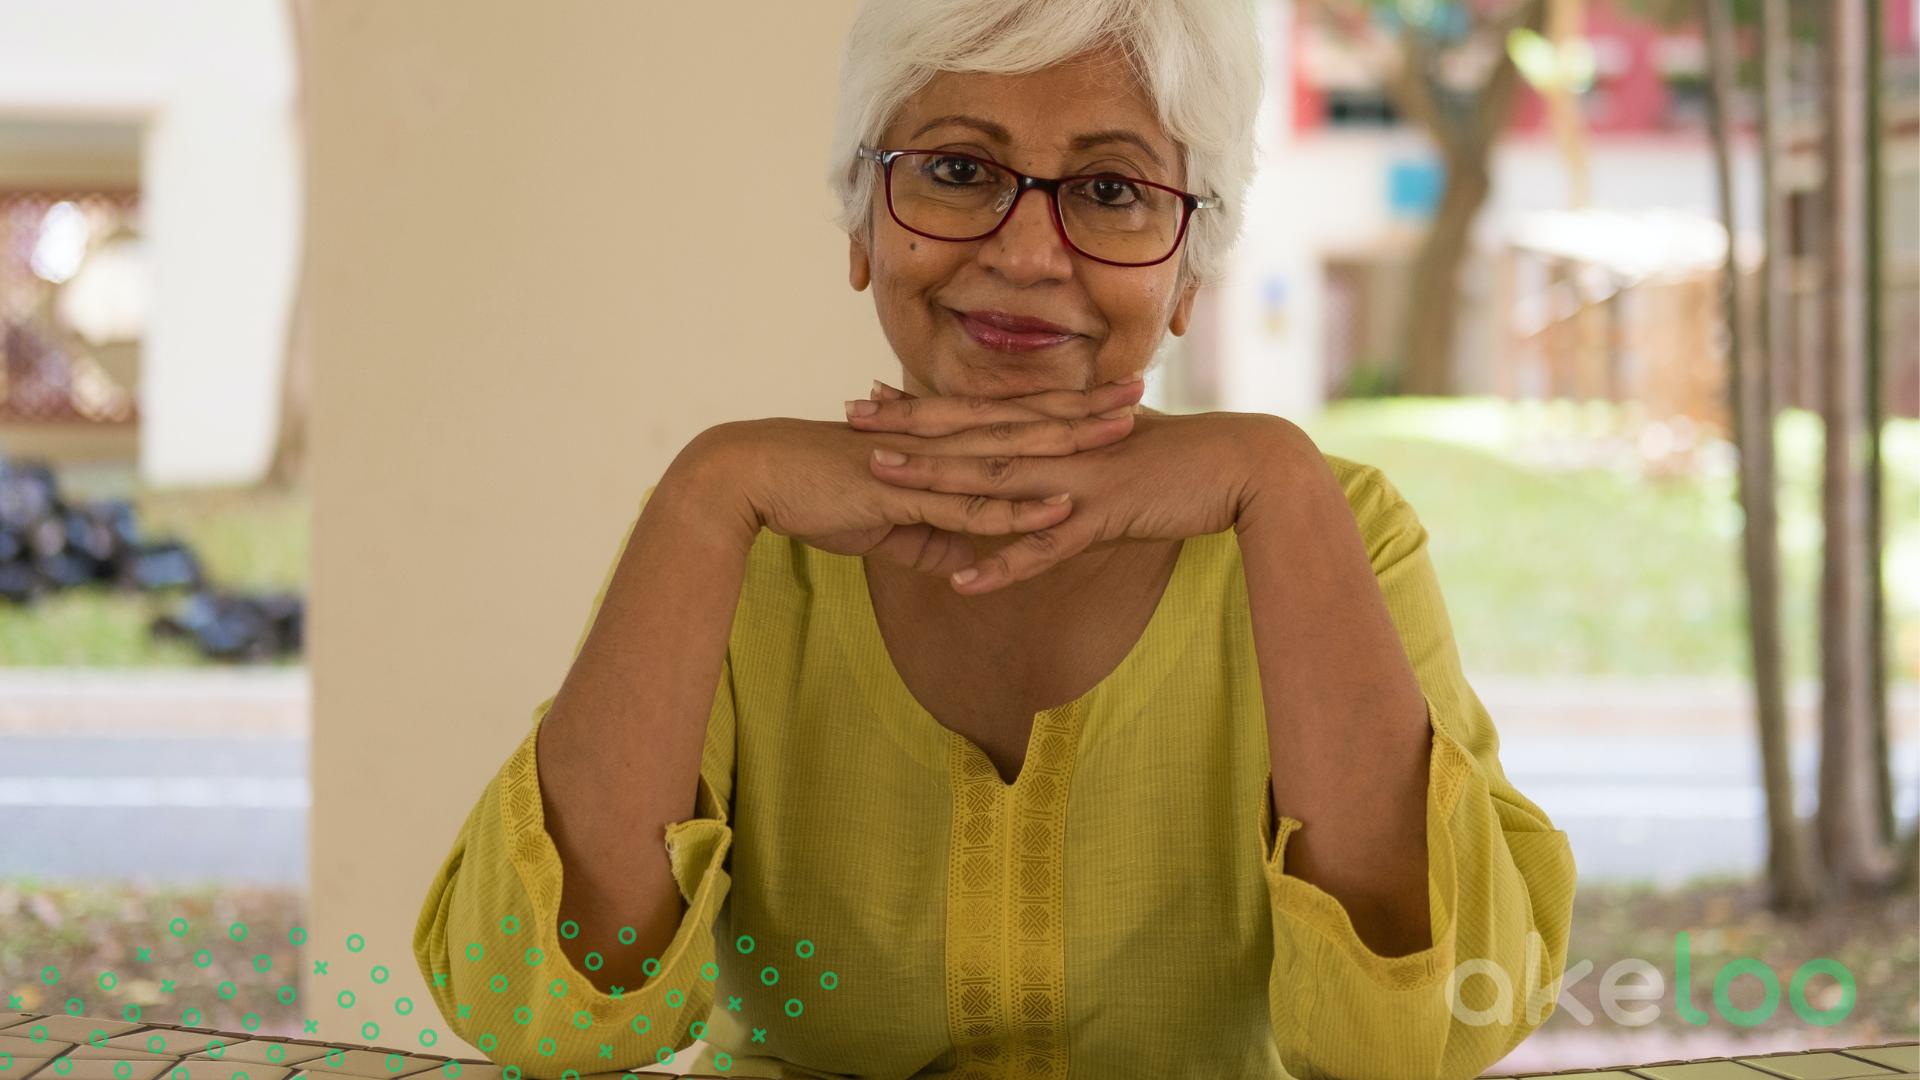 Investimentos para aposentadoria: conheça os melhores